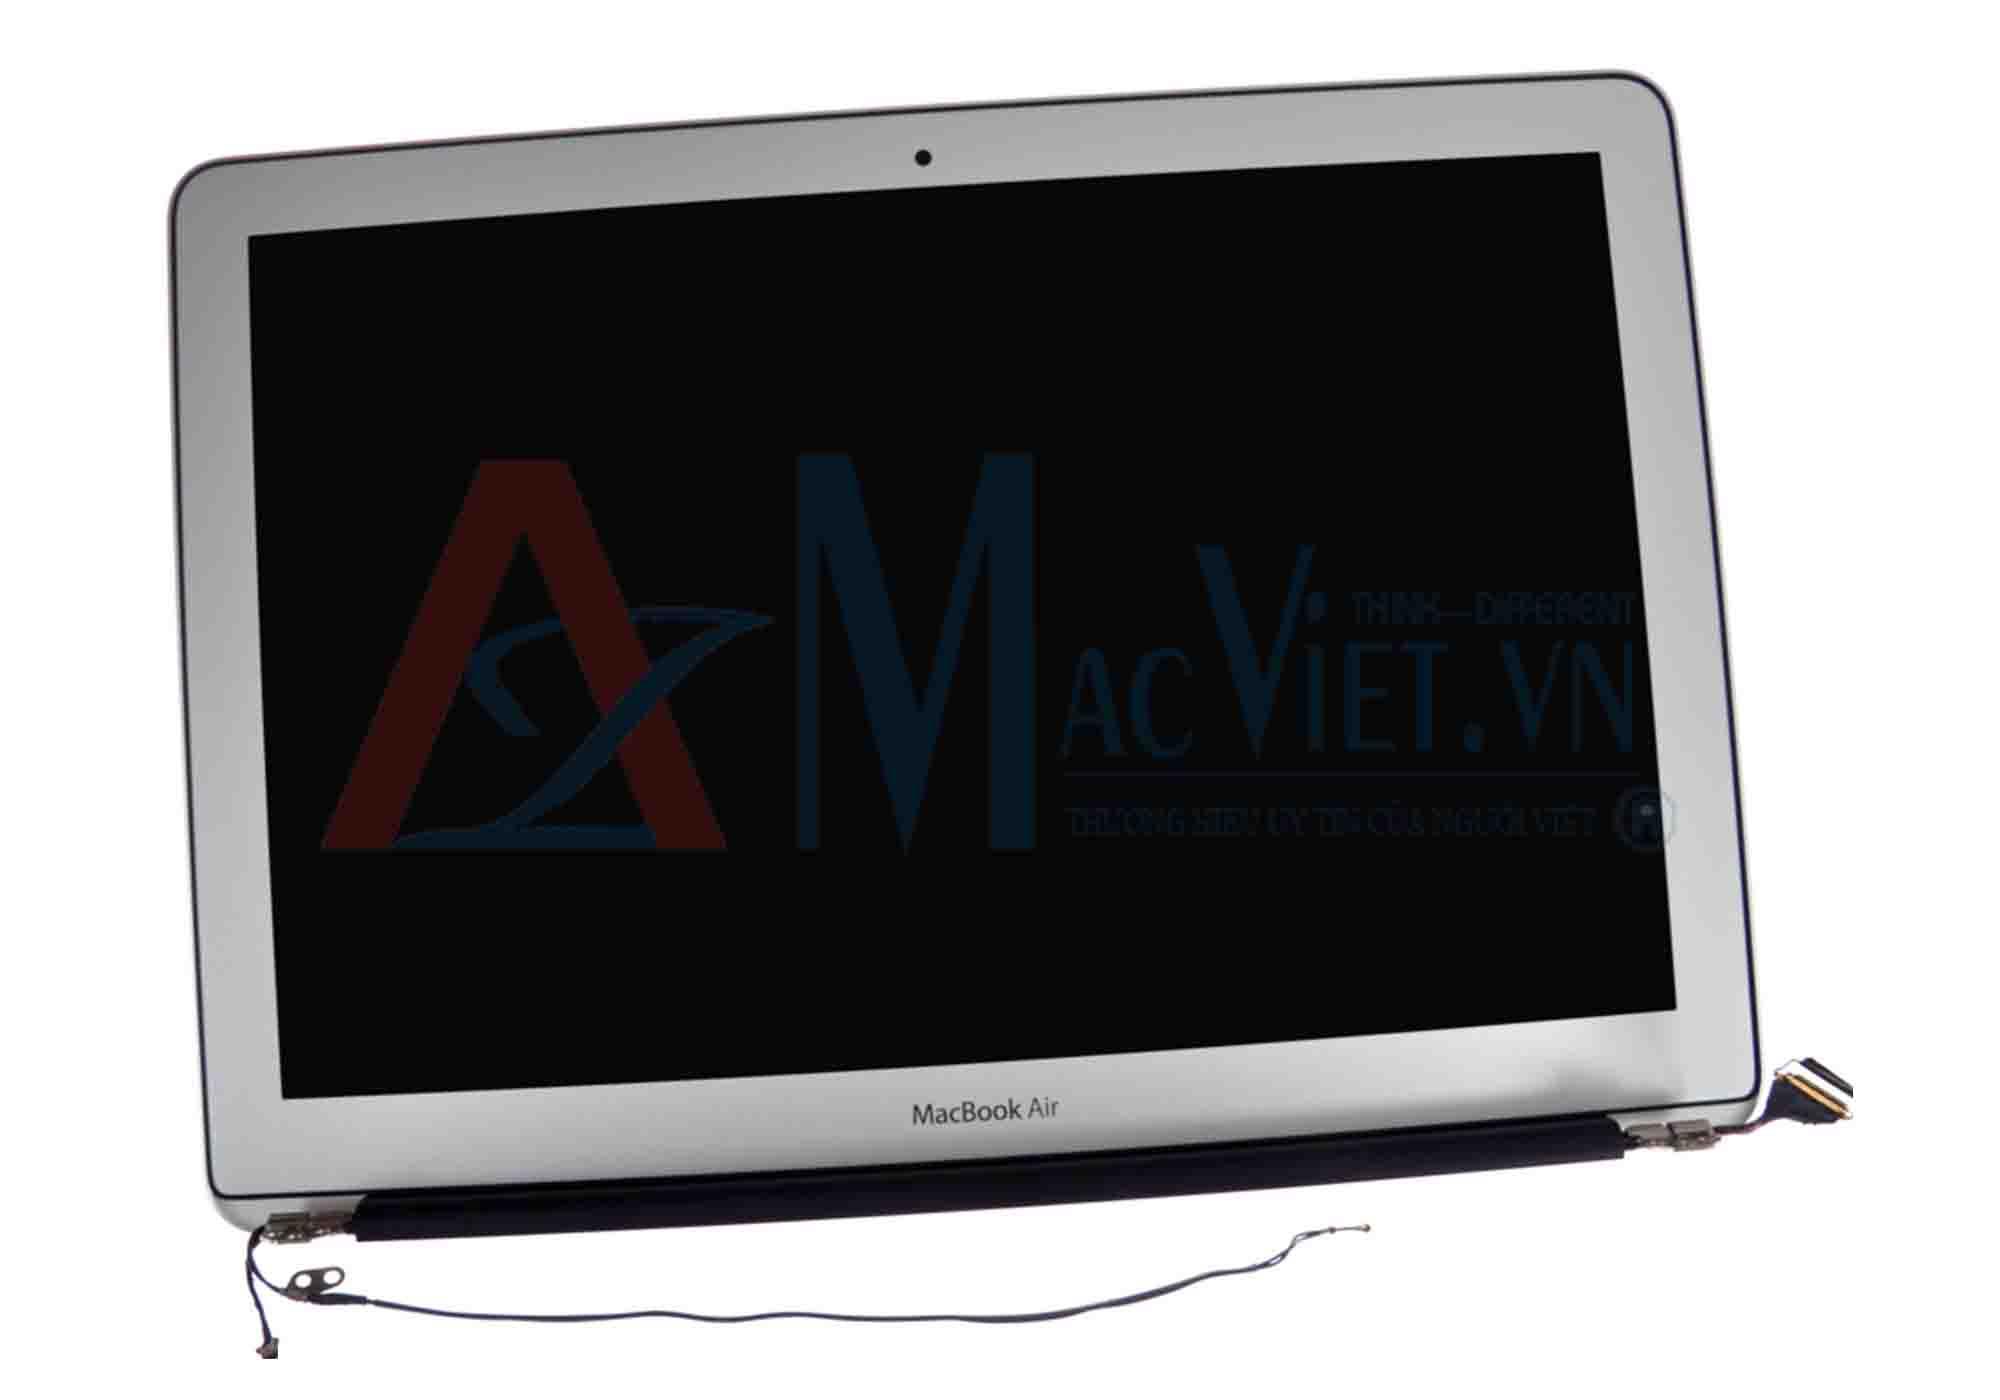 Màn hình MacBook Air 13 (Late 2010 - Mid 2011)